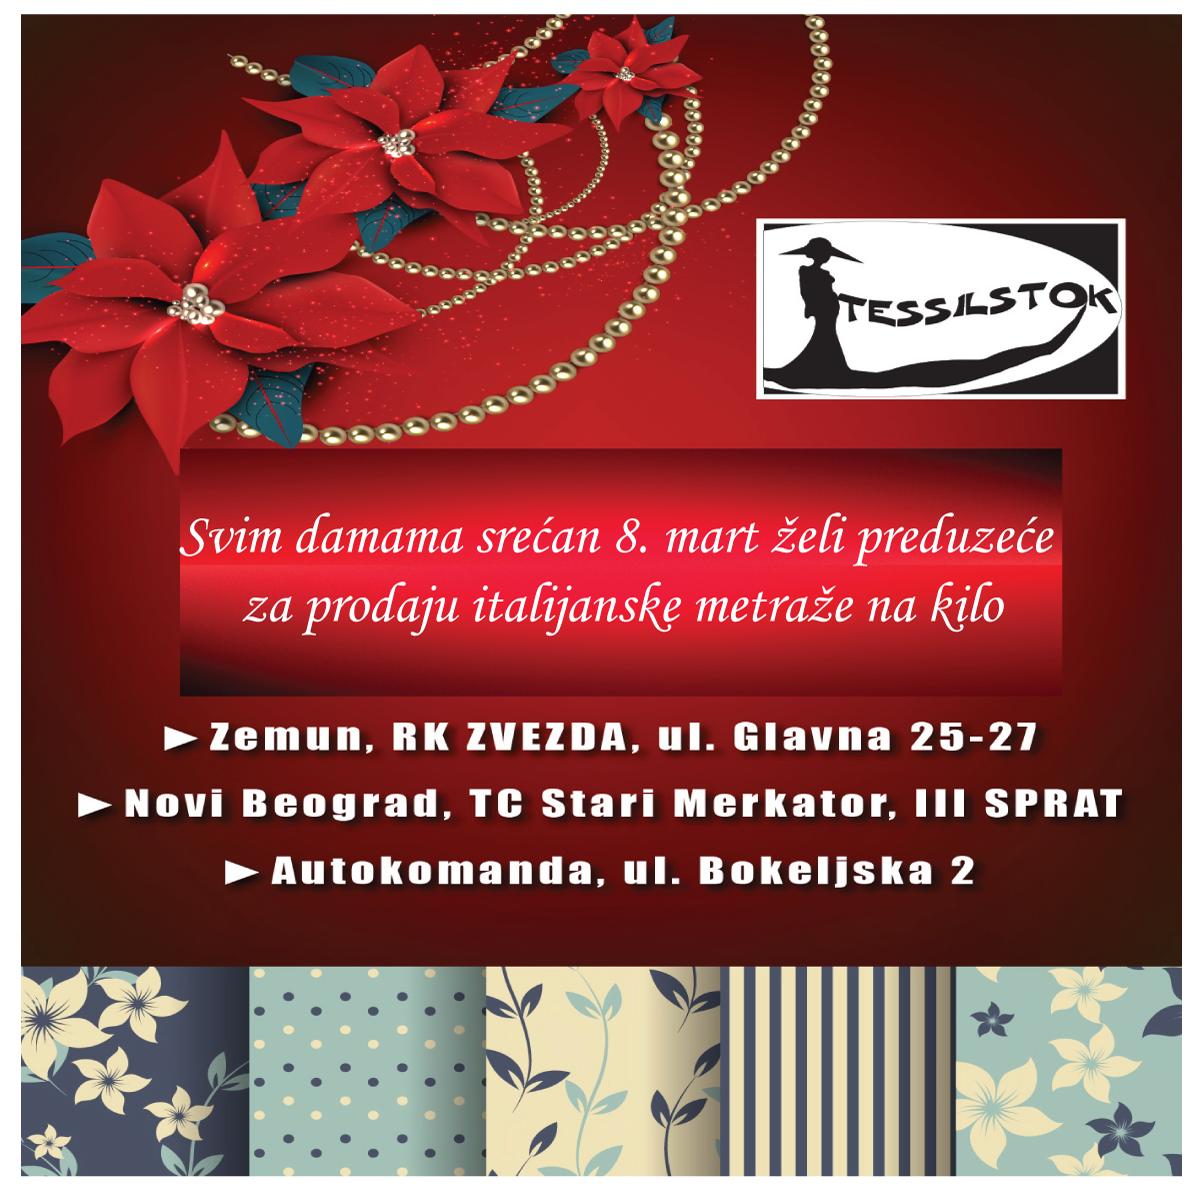 Tessilstok-metrazanakilo-veleorodaja-mebl-stofovi-zavese-materijali-naveliko-italijanska-kvalitet-sivenje-trikotaza-svila-kucnitekstil-pamuk-vuna-mojabaza